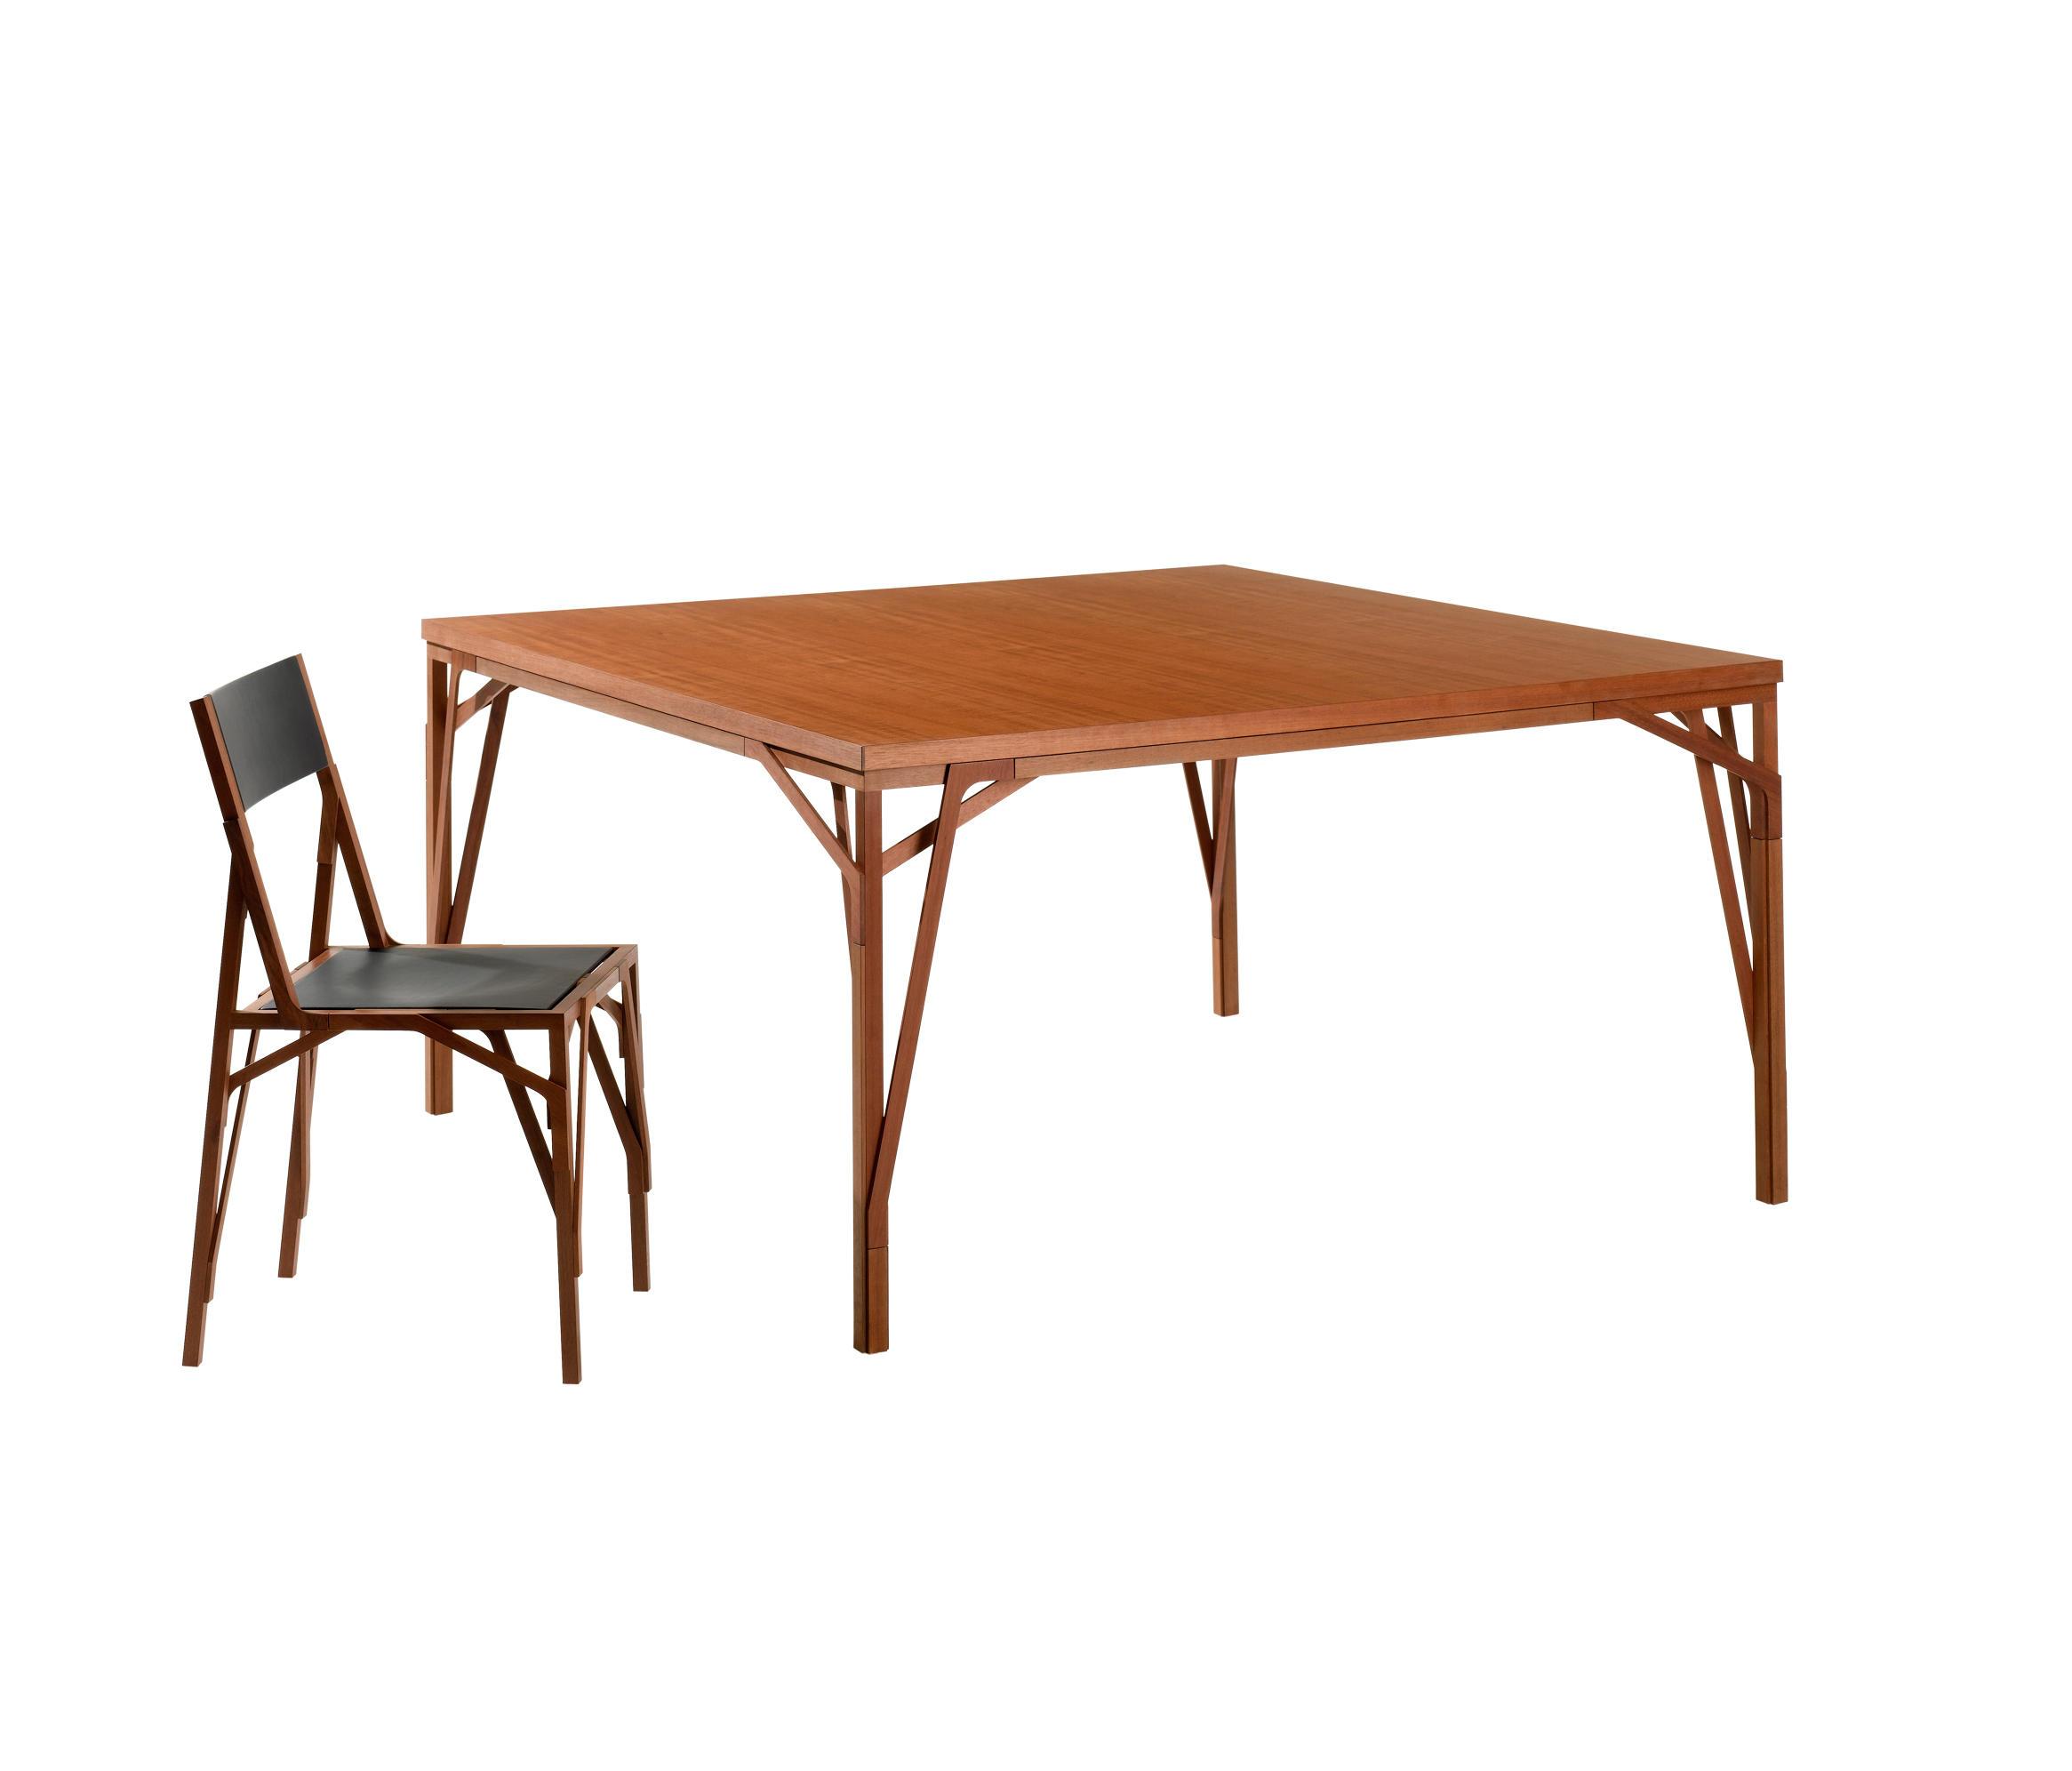 tisch und sthle tisch stuhl lster design with tisch und sthle massivholz sitzgruppe tisch. Black Bedroom Furniture Sets. Home Design Ideas